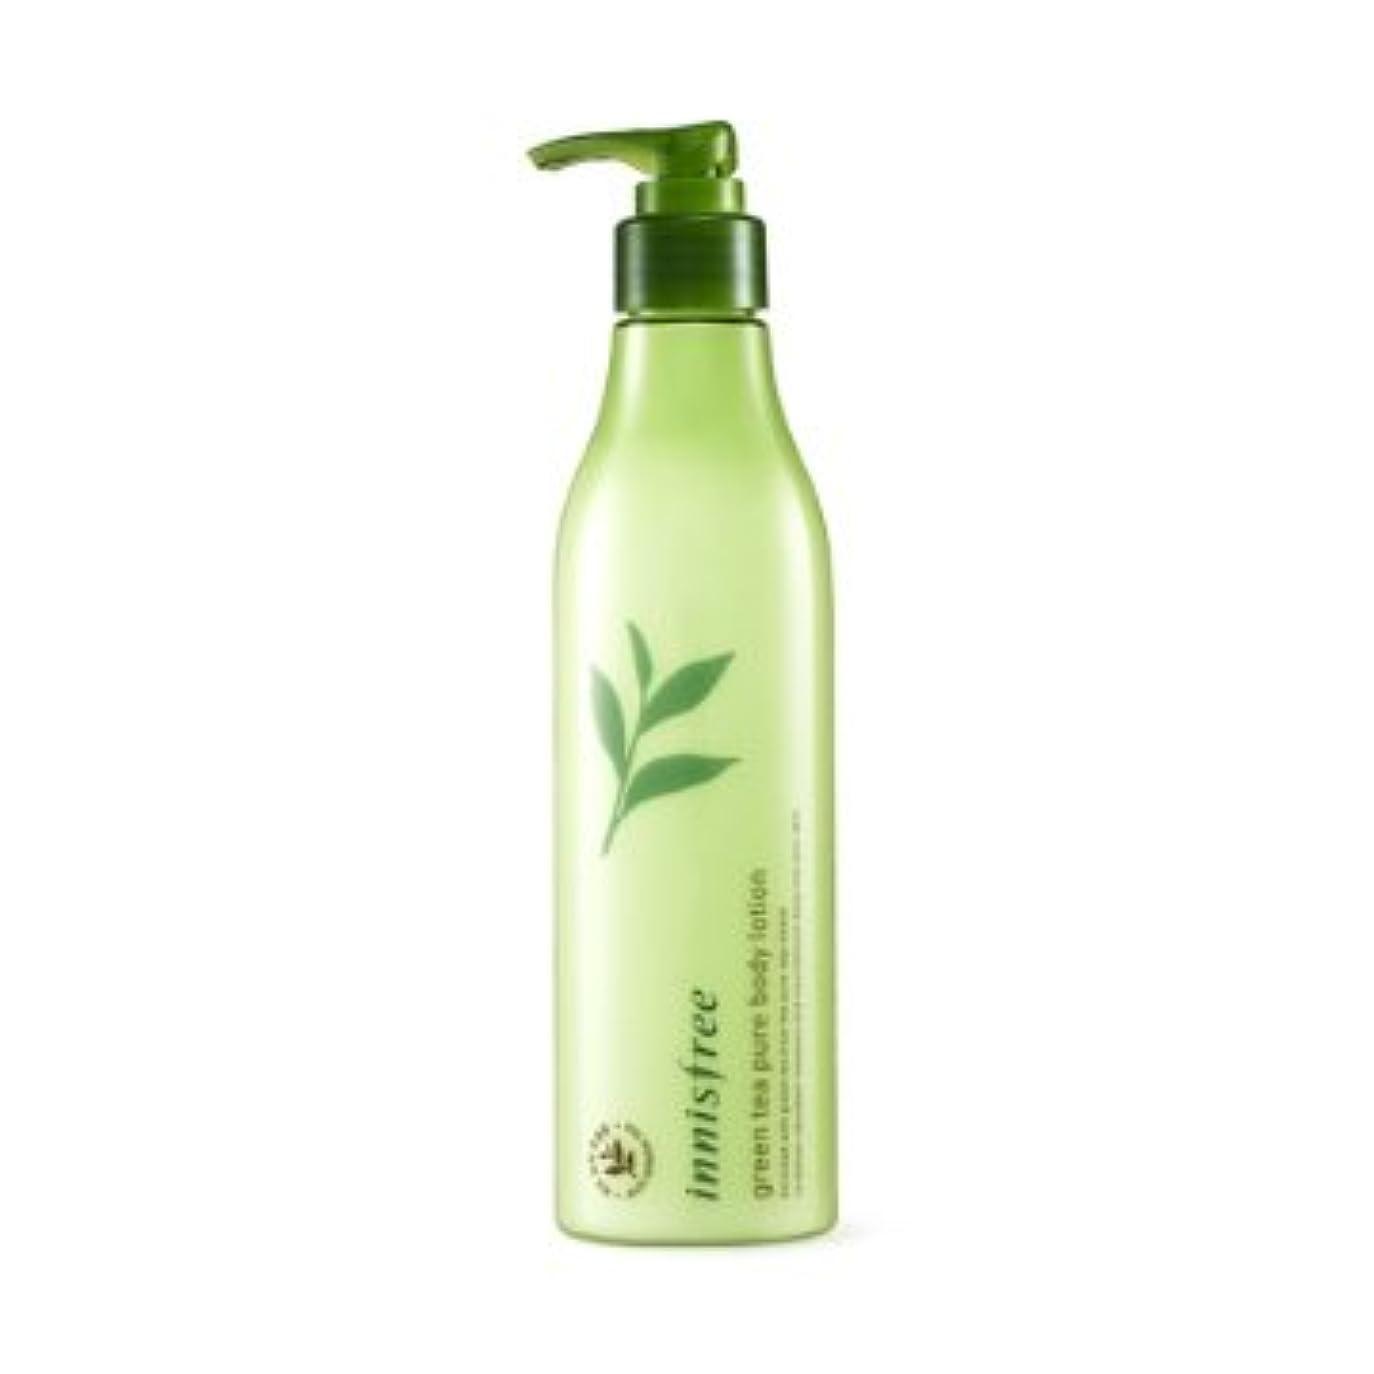 ハードウェアインシュレータヶ月目【イニスフリー】Innisfree green tea pure body lotion - 300ml (韓国直送品) (SHOPPINGINSTAGRAM)